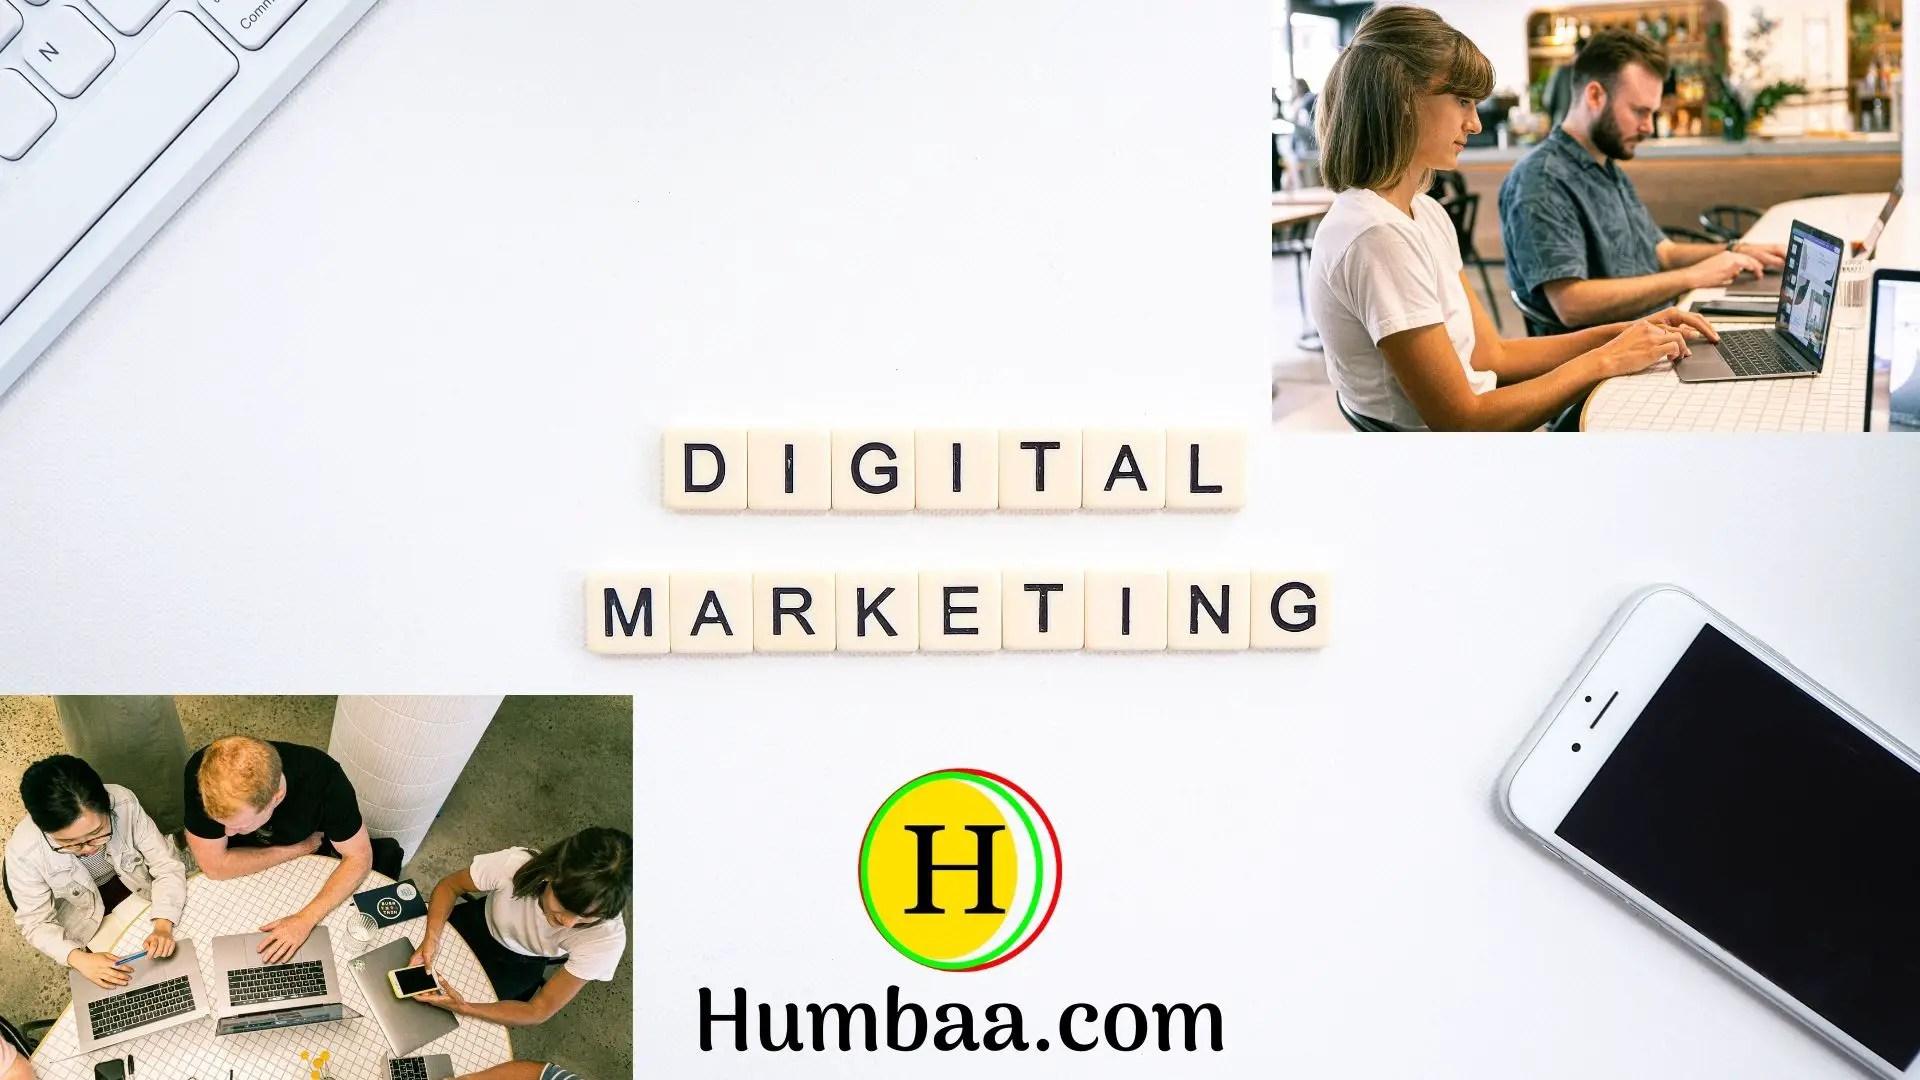 डिजिटल मार्केटिंग क्या है? [Digital Marketing in Hindi]